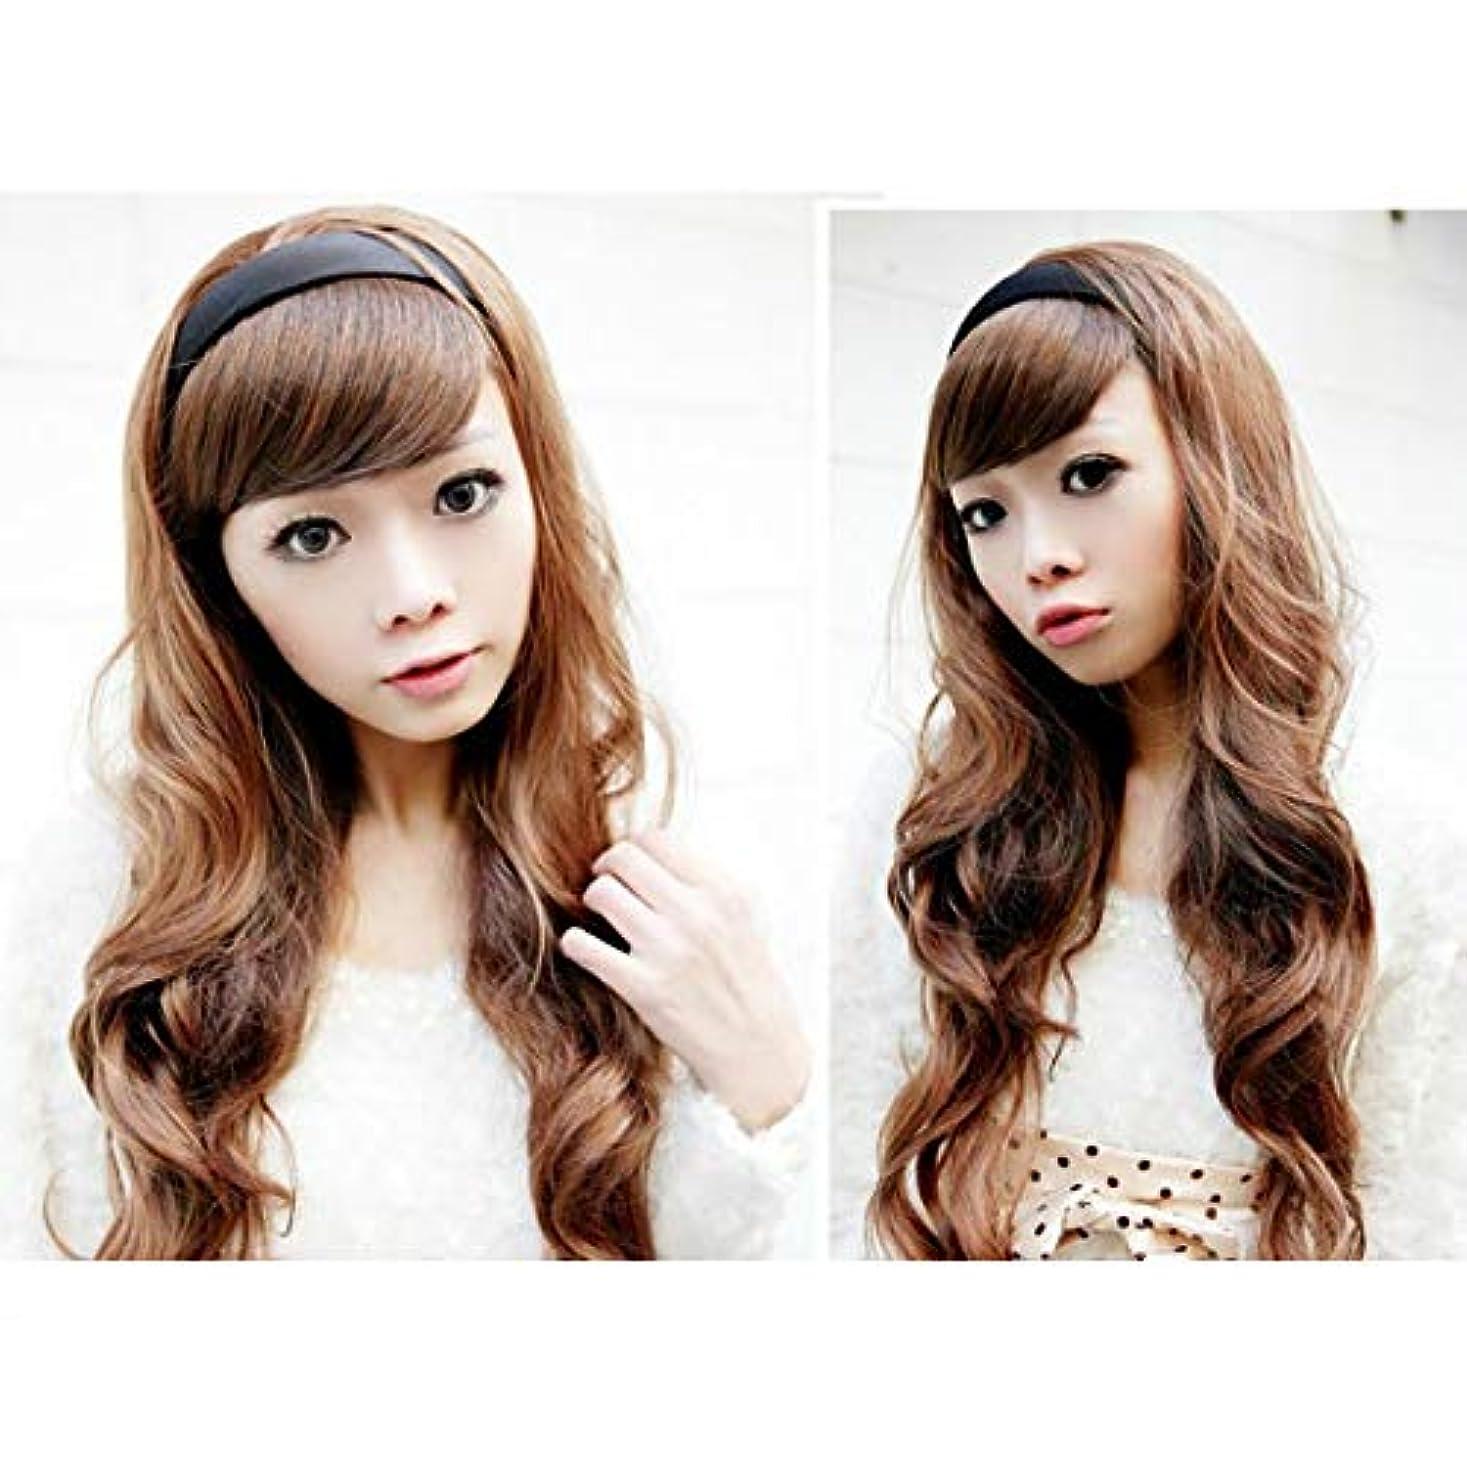 飾り羽有益回答YZUEYT 女性の毛のウィッグは、黒いフープのヘッドブランドと長い波状 YZUEYT (Color : Color Dark Brown, Size : One size)